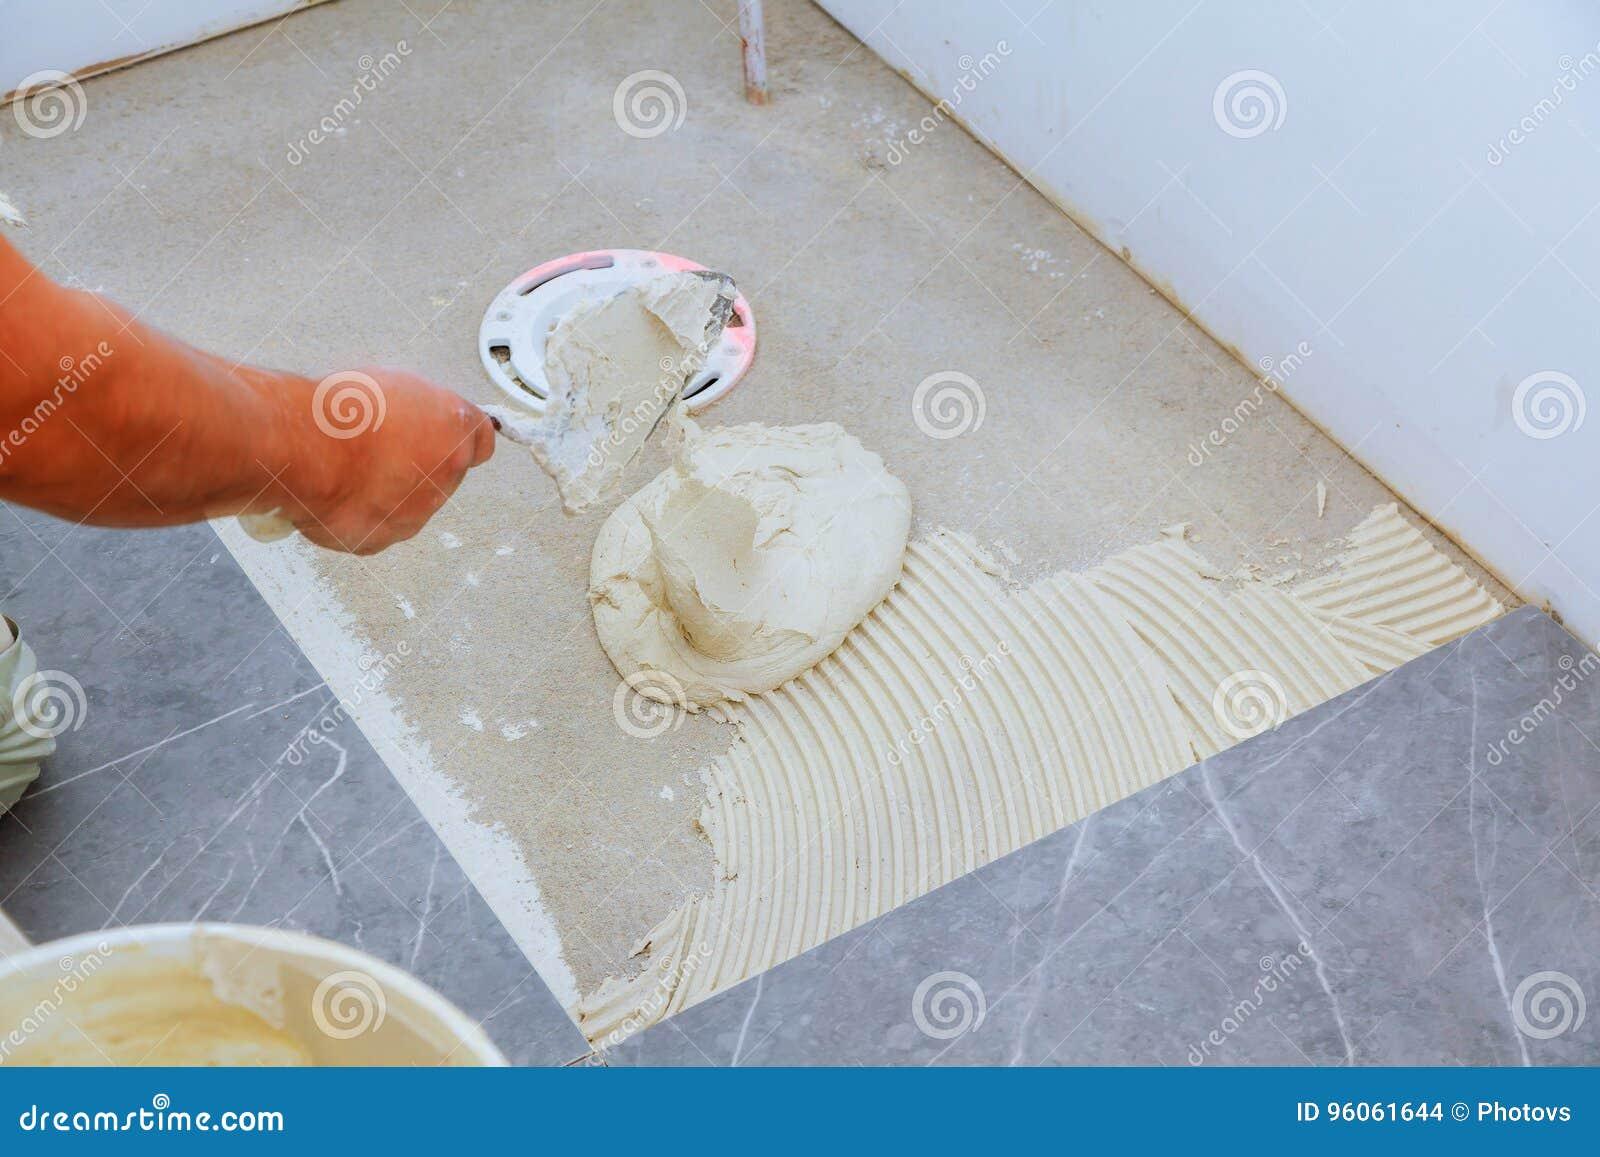 Carreau de céramique blanc à la mode élégant avec un chanfrein sur la réparation des appartements et des salles de bains